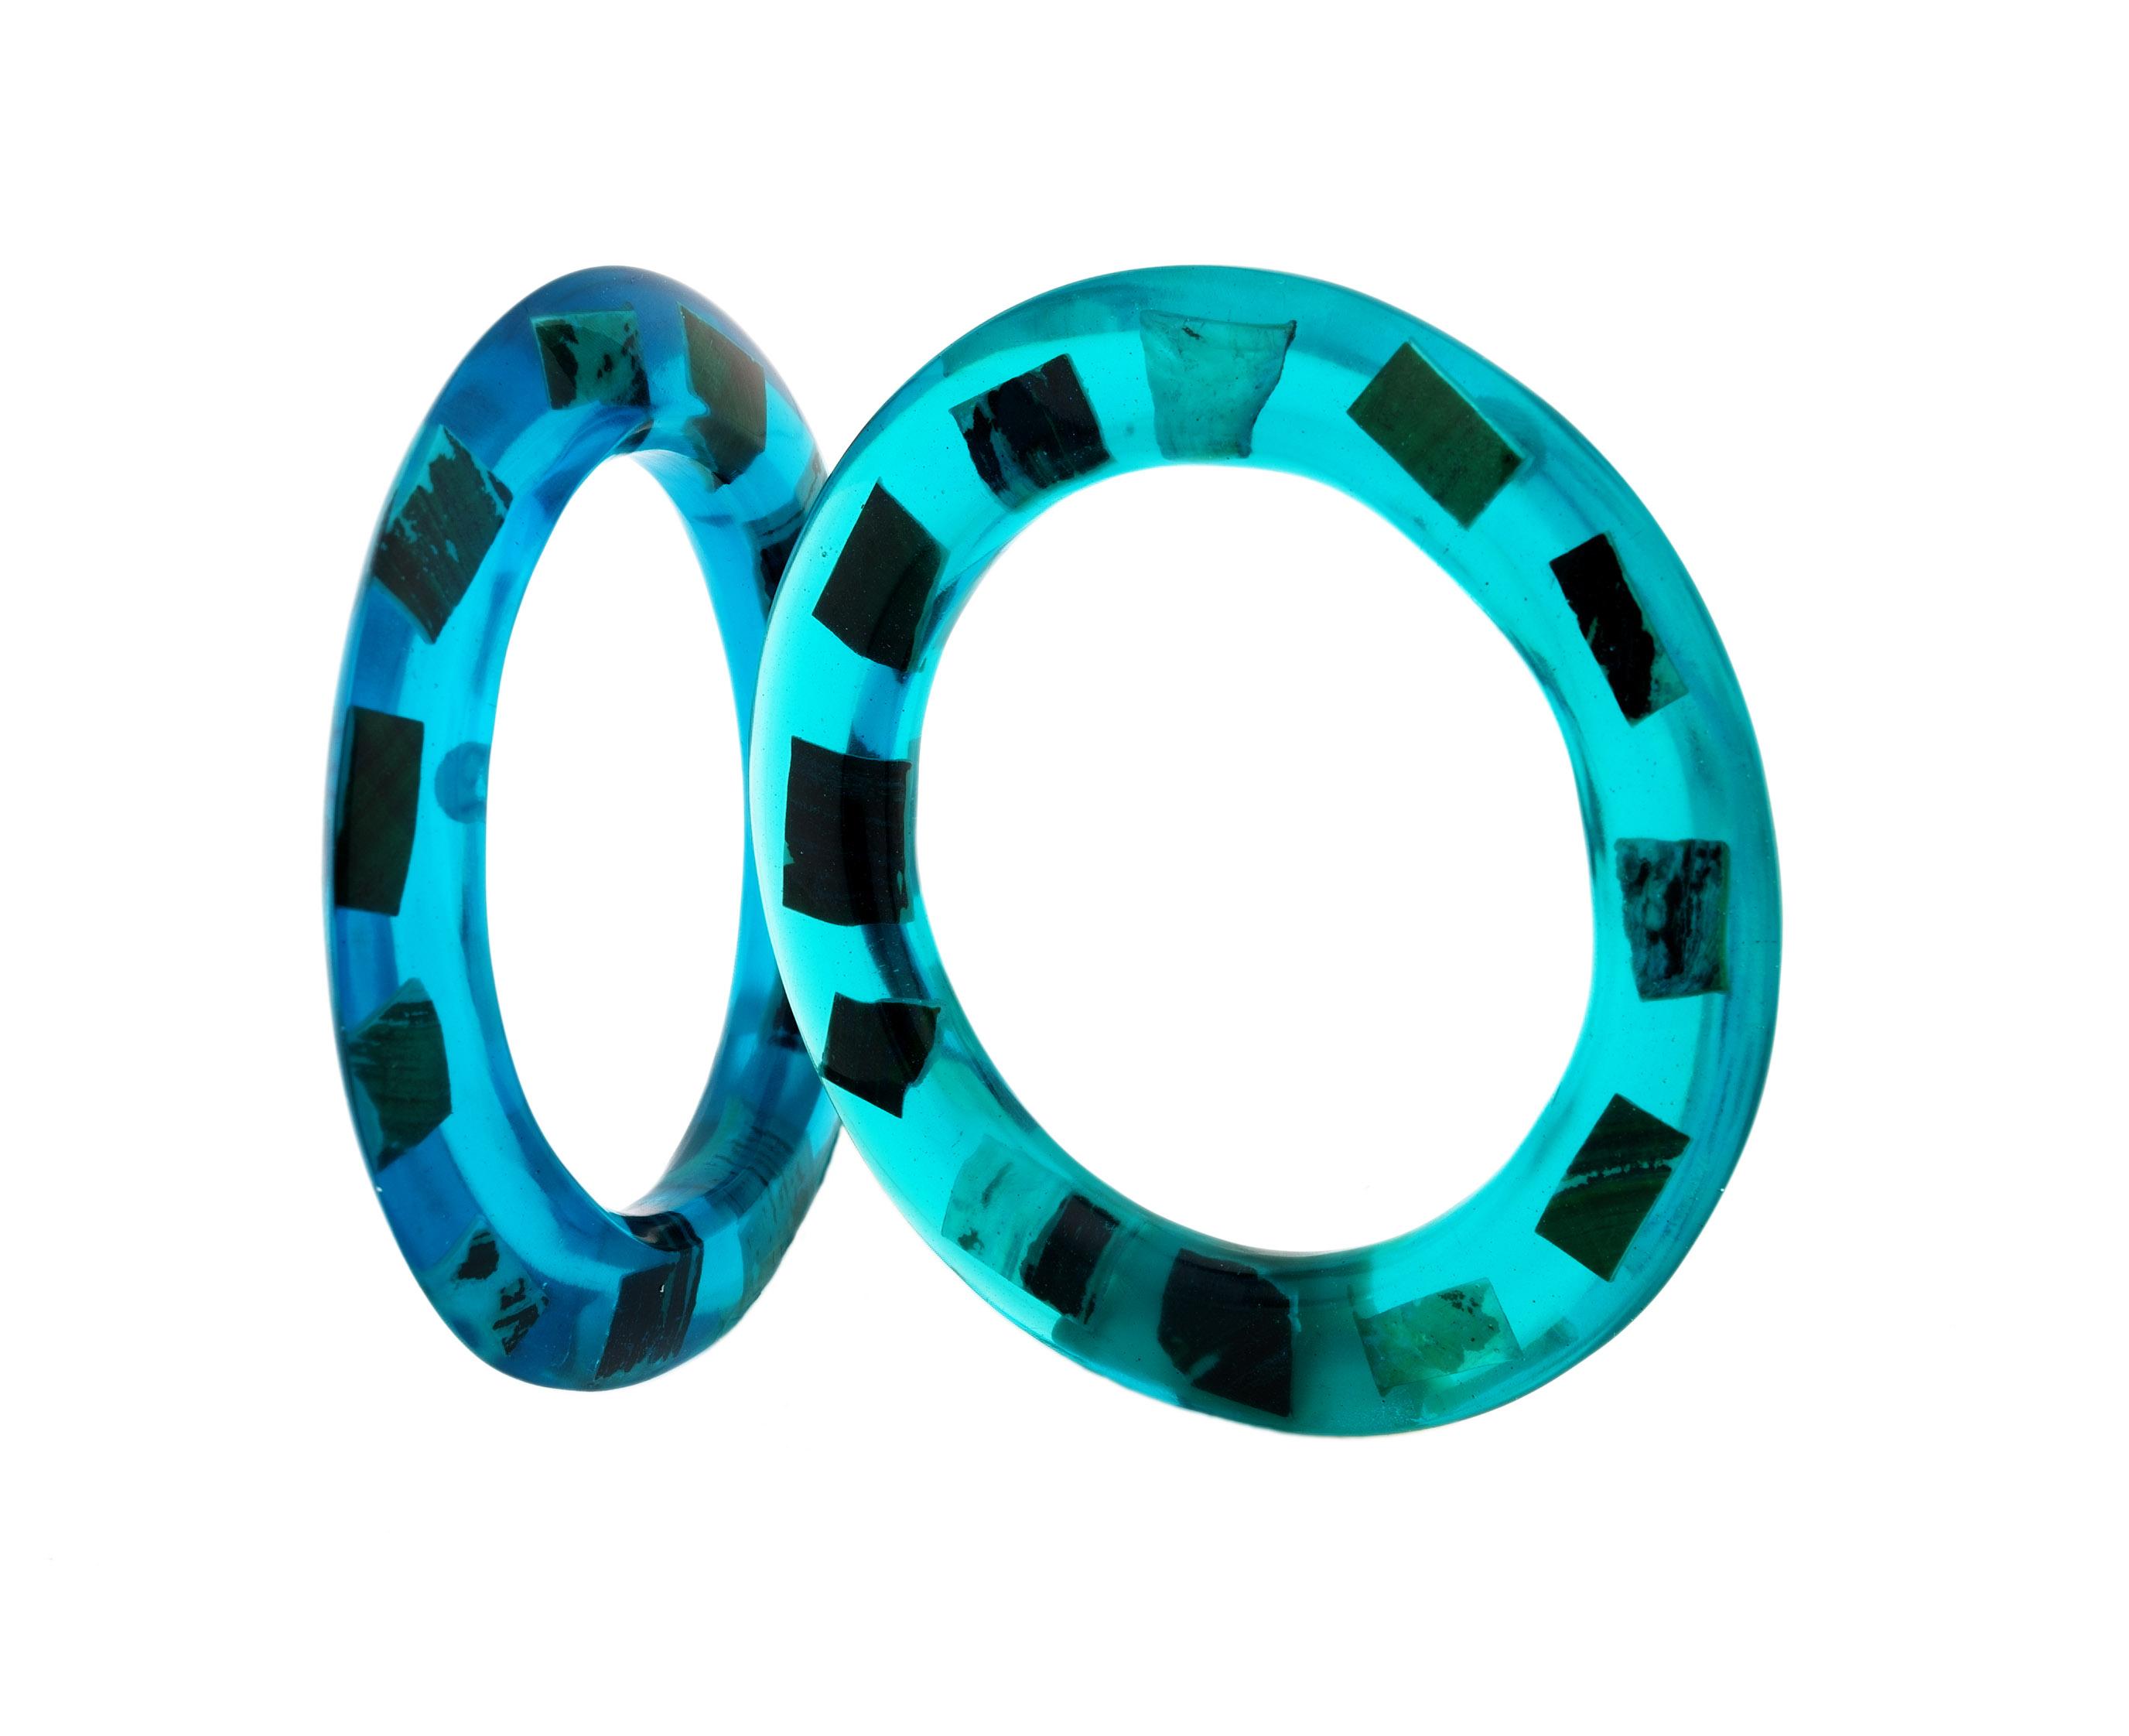 bluedoublecuffs.jpg